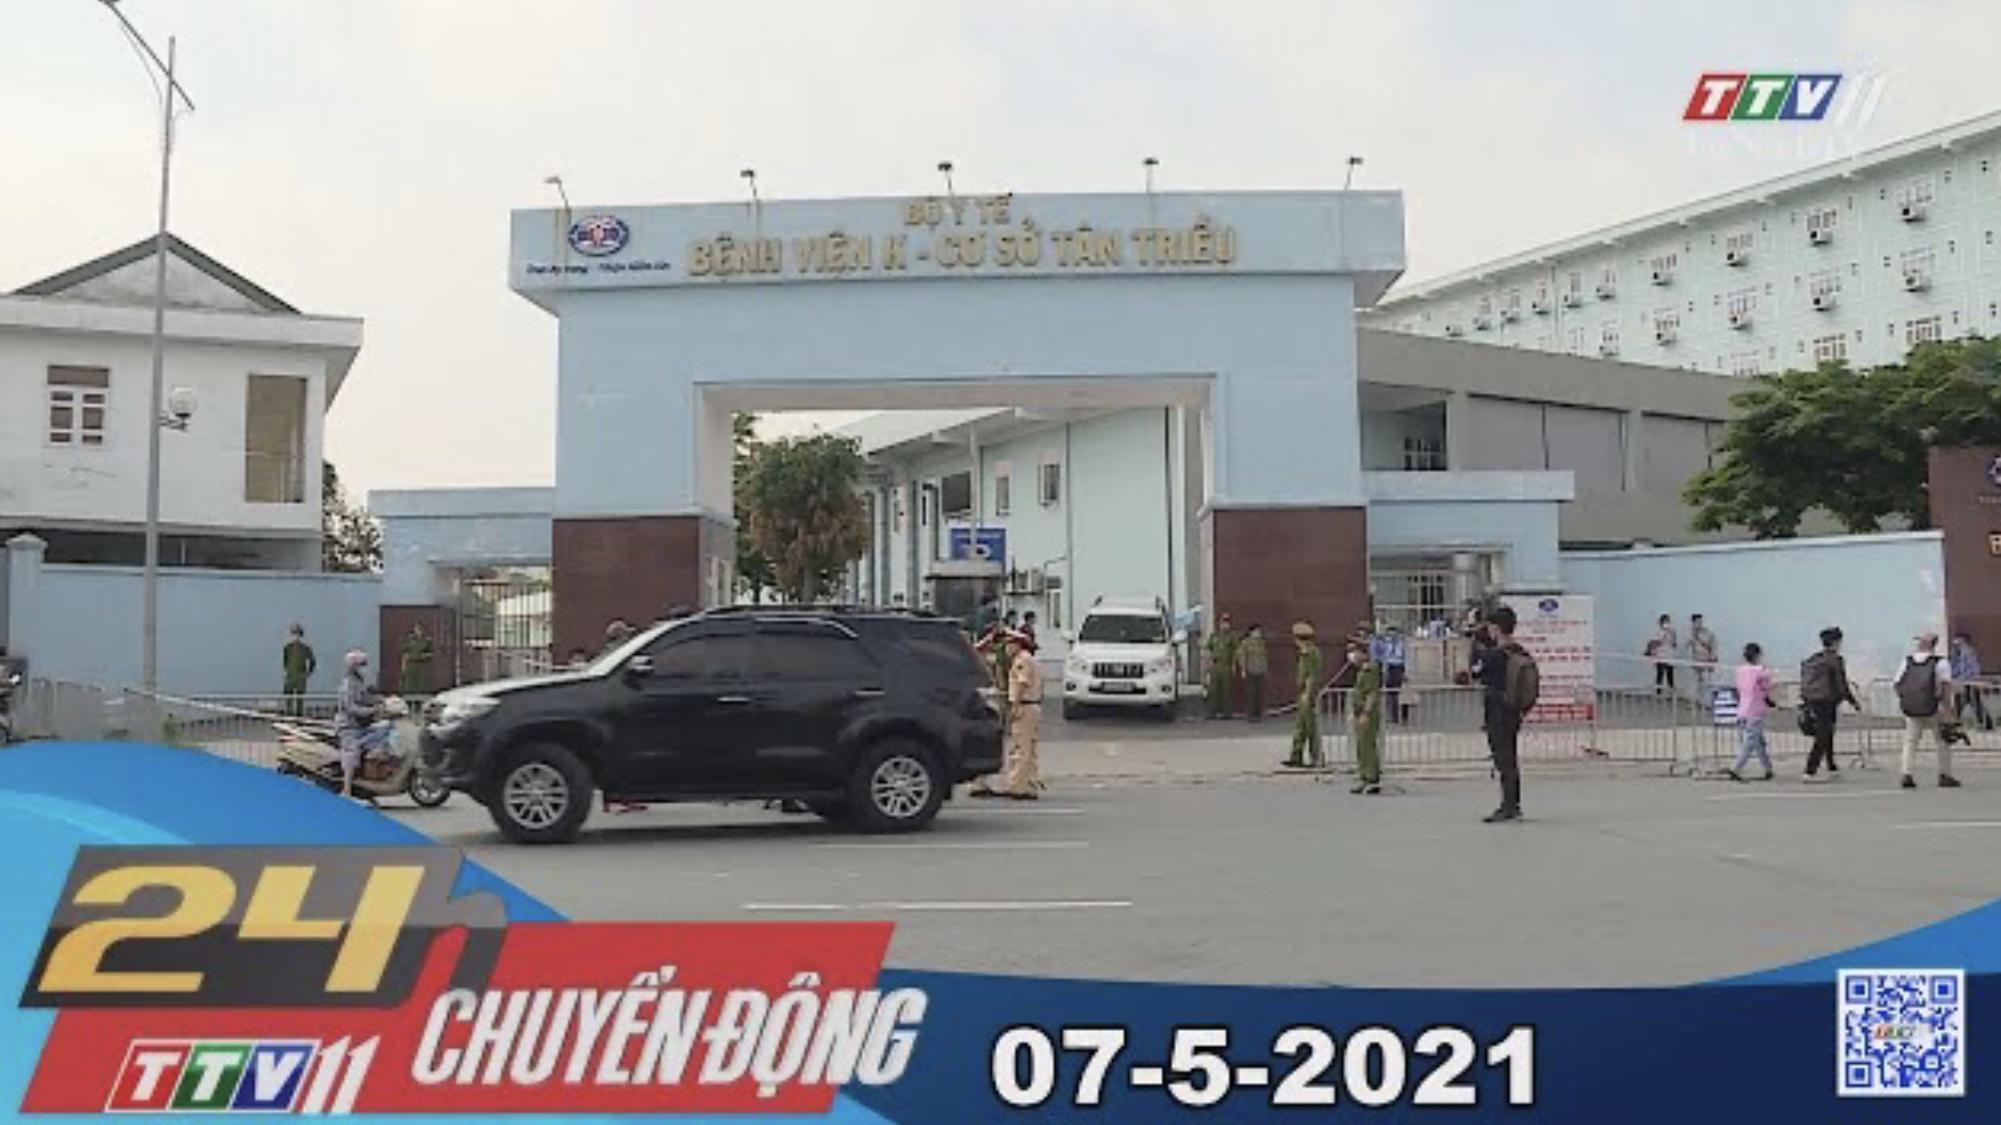 24h Chuyển động 07-5-2021 | Tin tức hôm nay | TayNinhTV